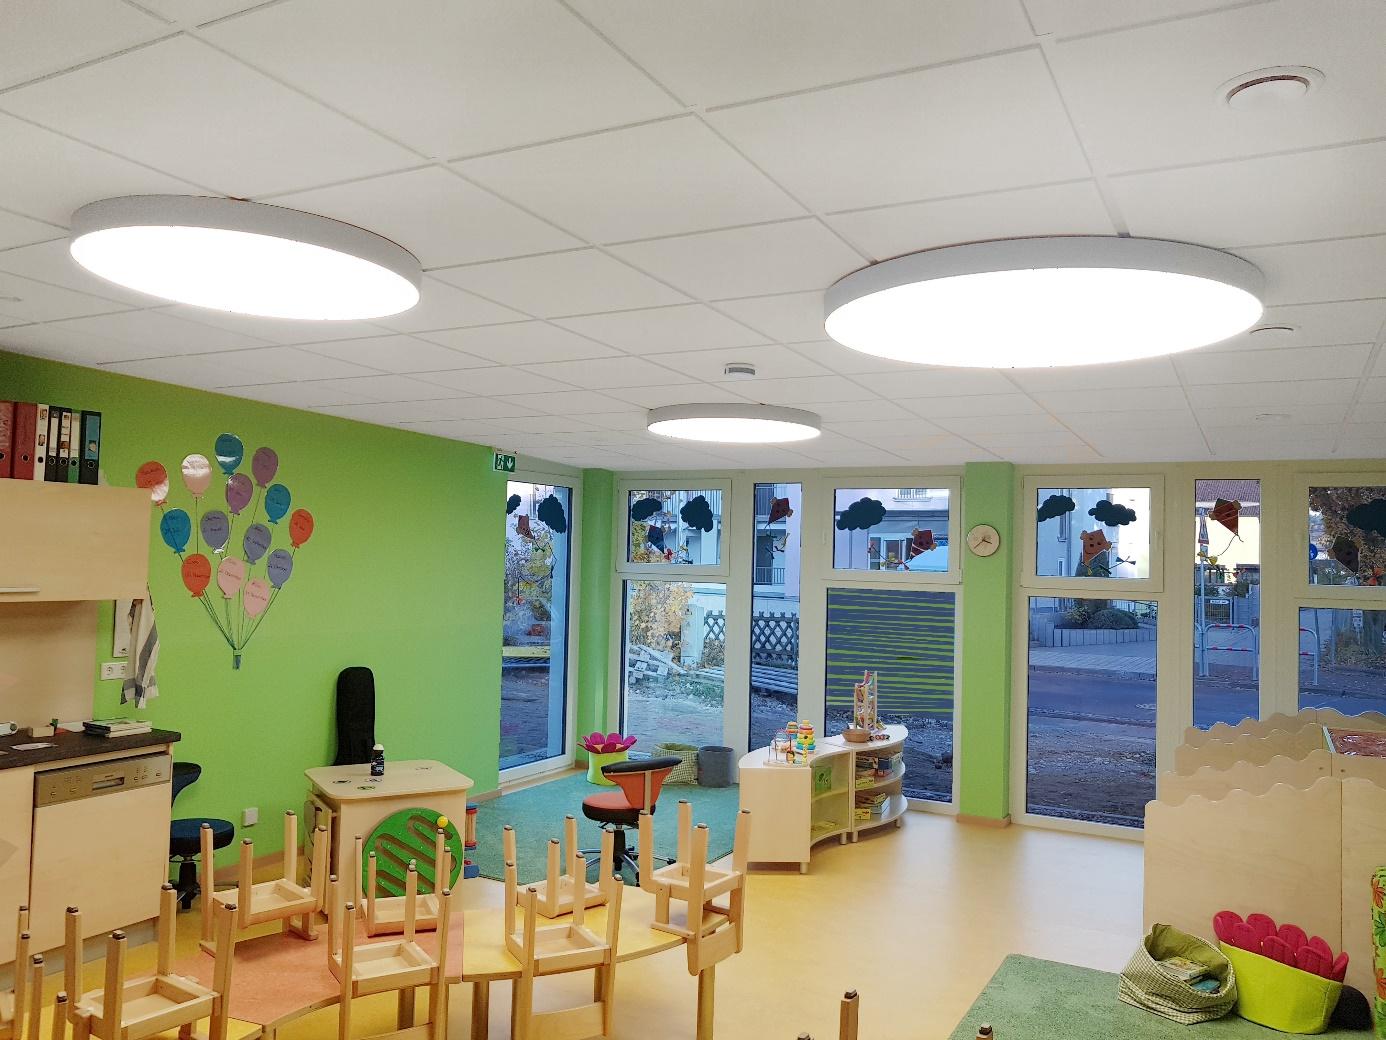 Bild einer Beleuchtung in einem Kindergarten